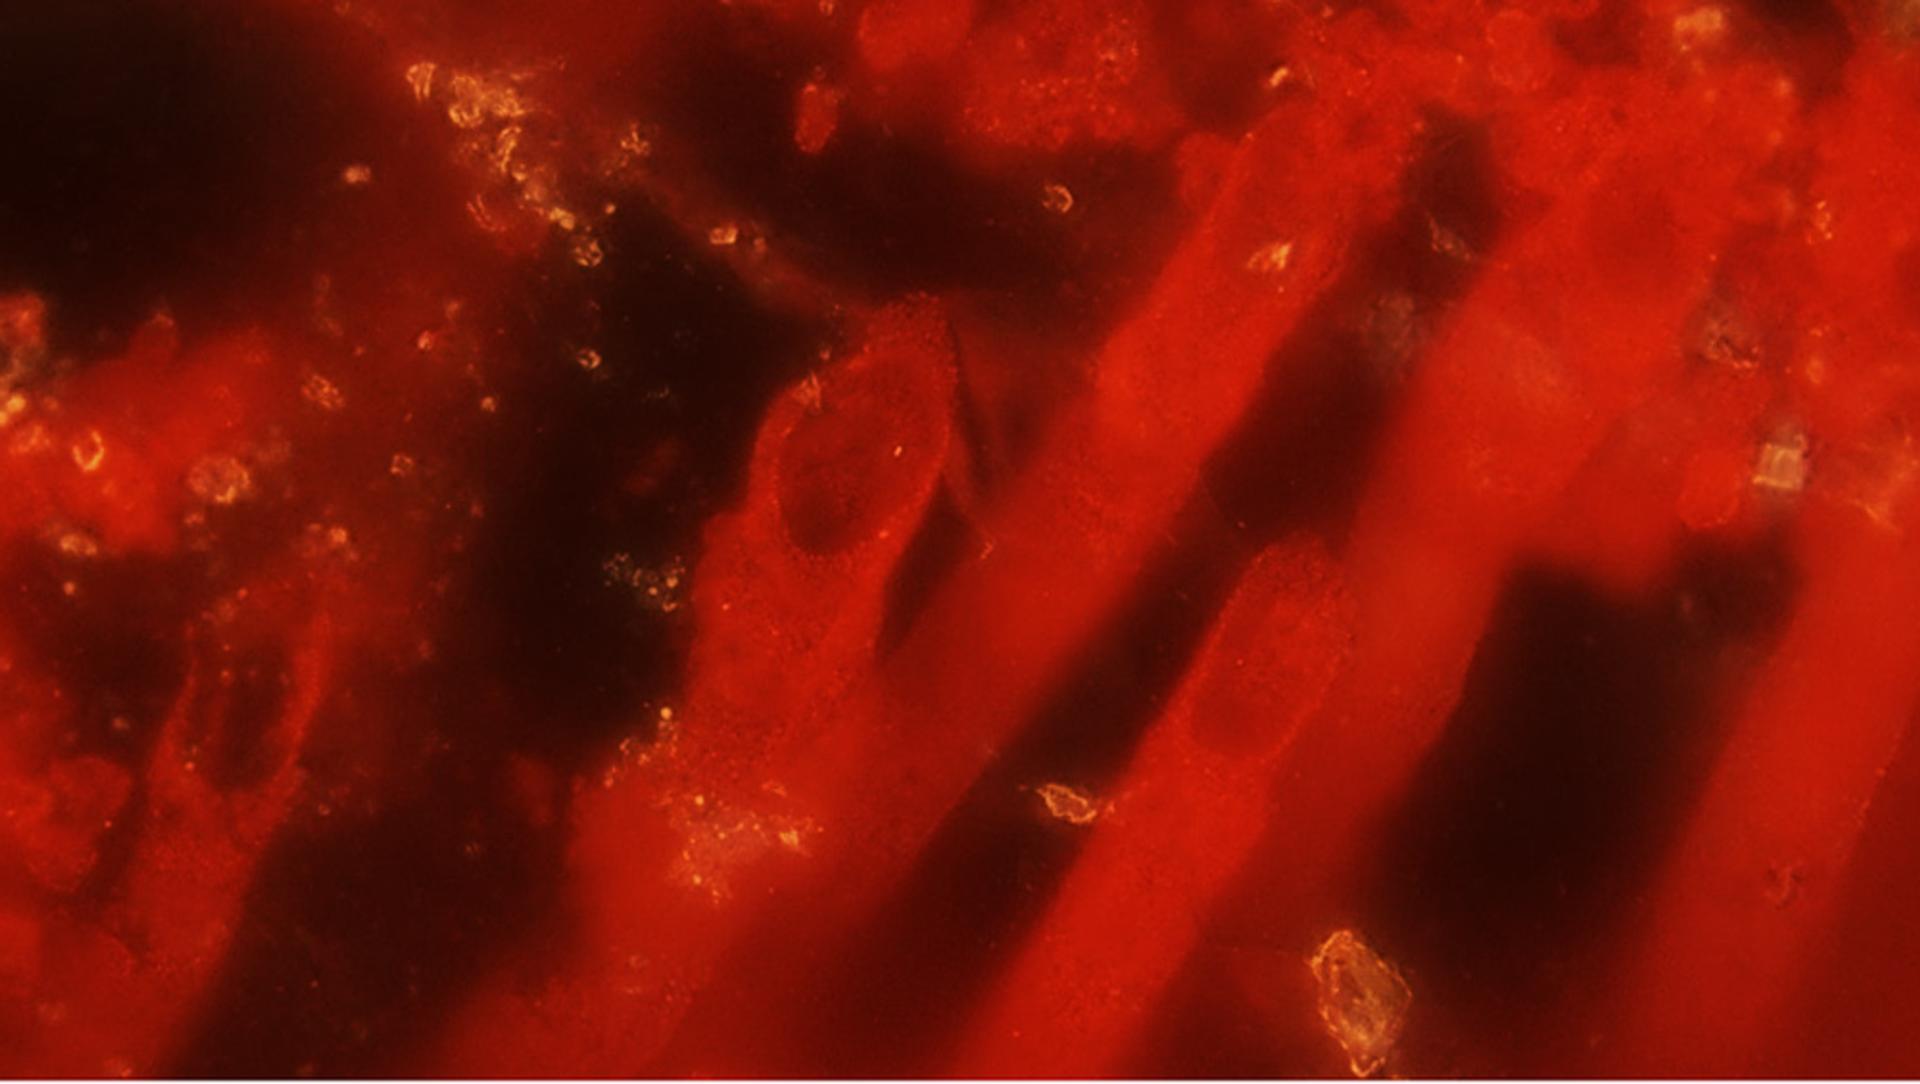 Mikrobi, kteří údajně jsou nejstaršími stopami života - Sputnik Česká republika, 1920, 11.04.2021